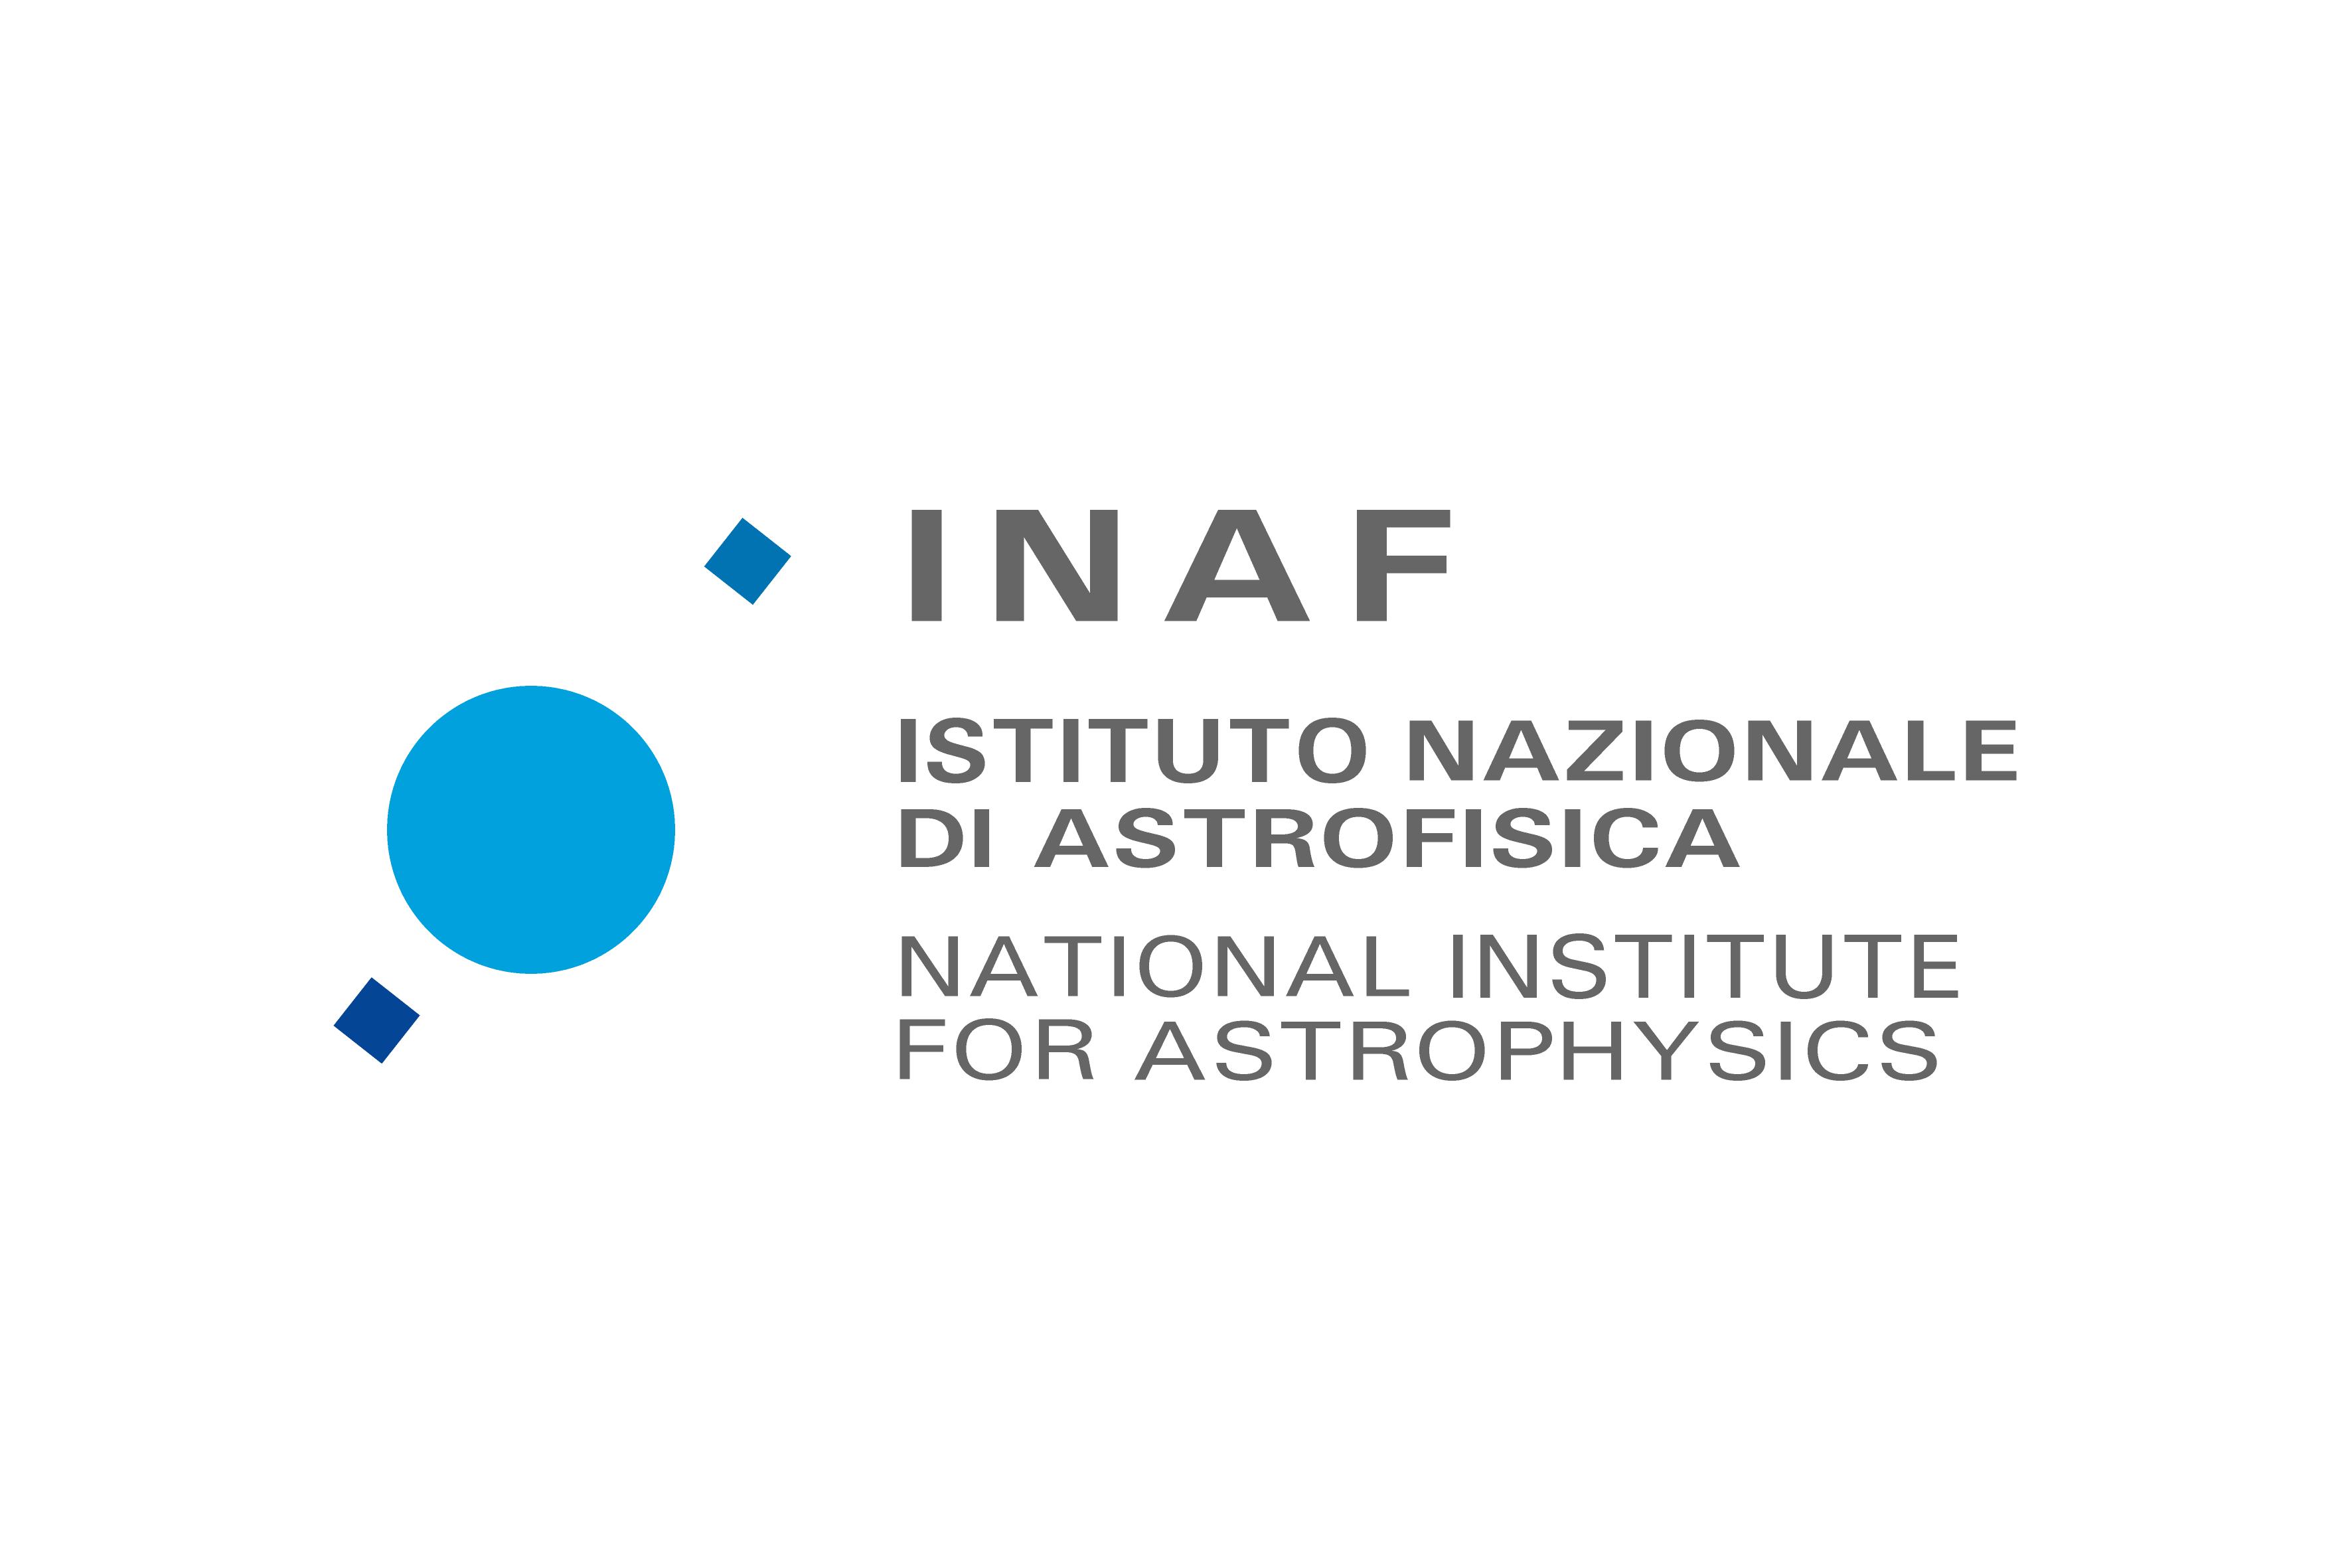 INAF_logo.png